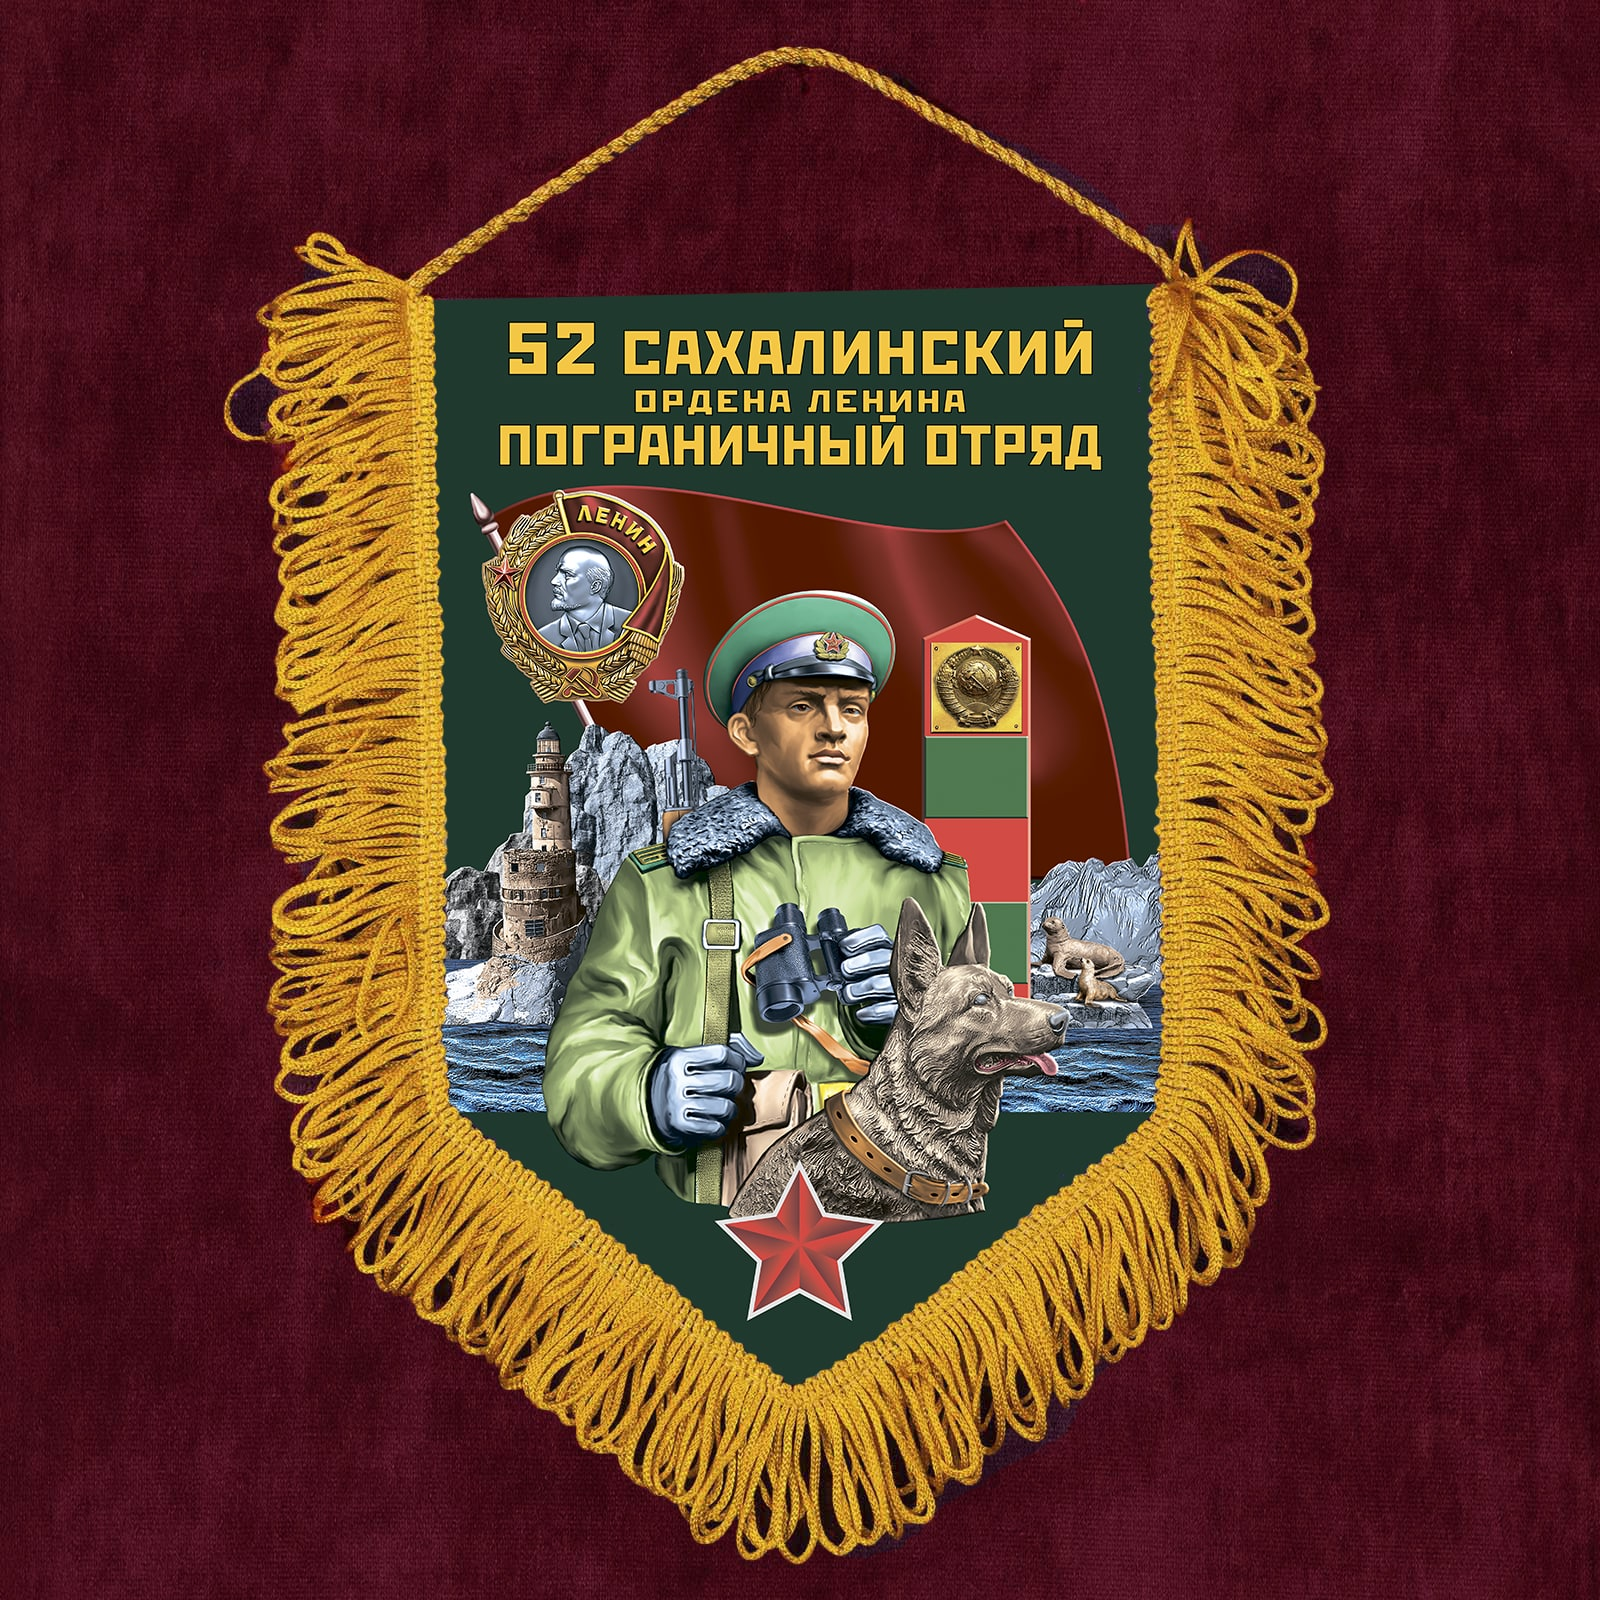 """Памятный вымпел """"52 Сахалинский пограничный отряд"""""""